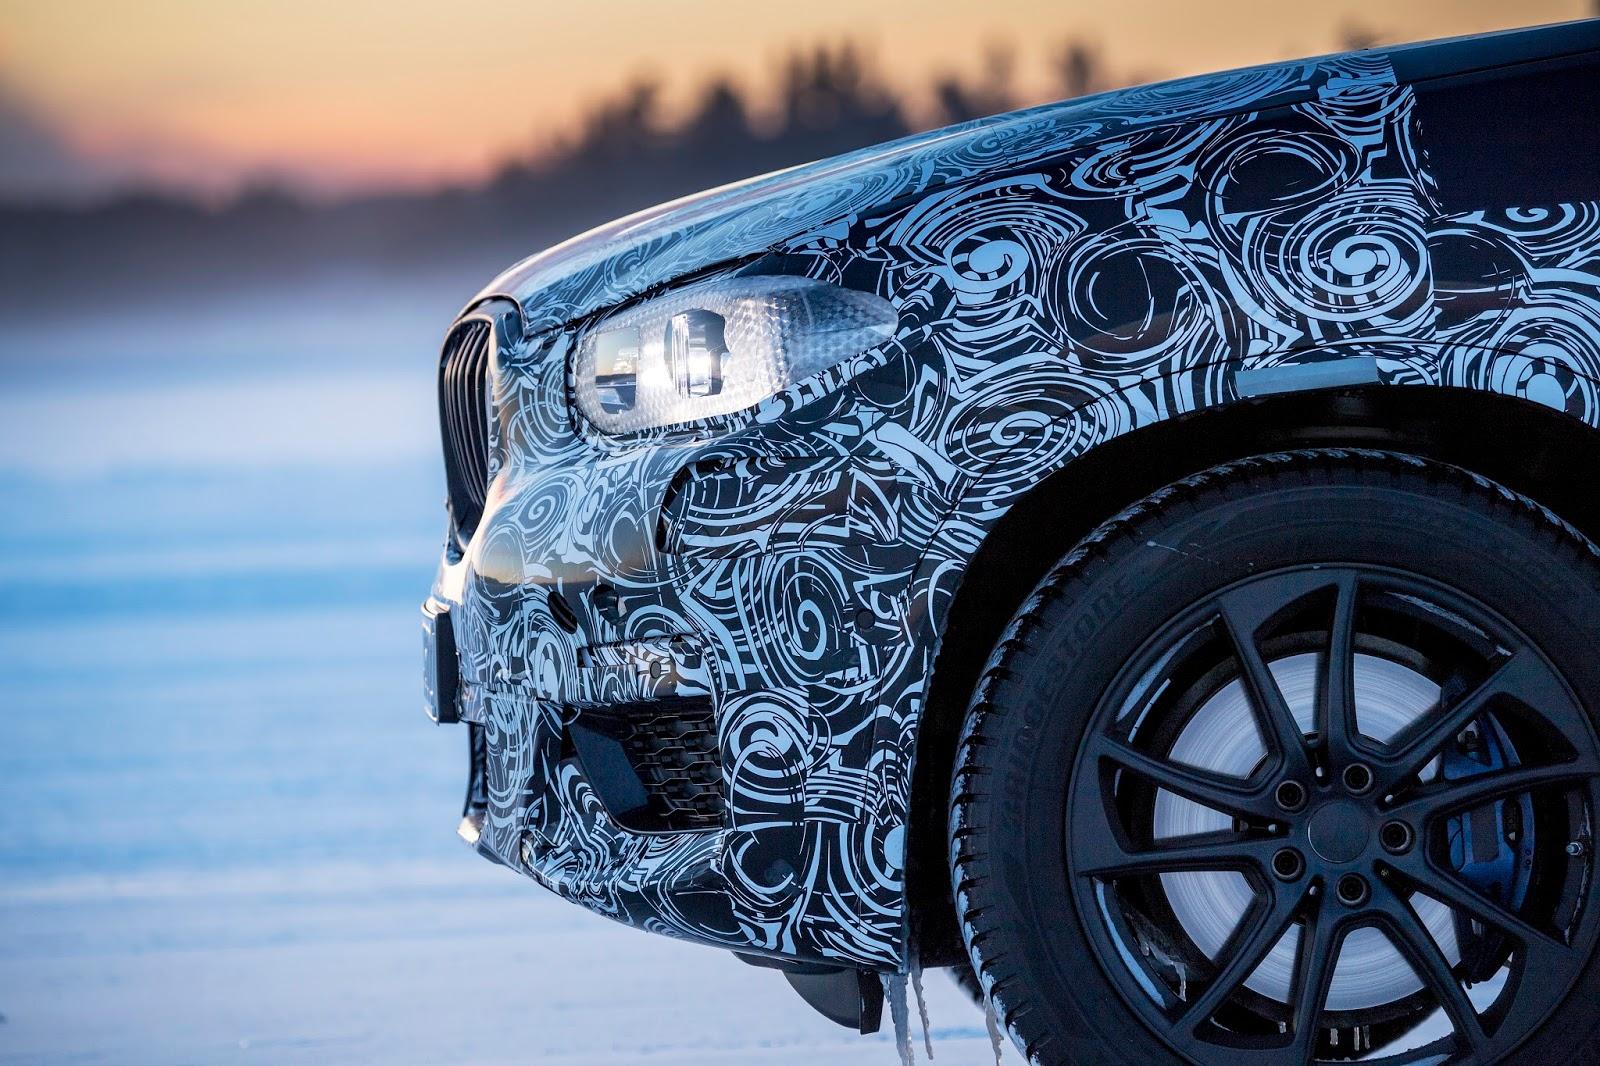 P90249815 highRes the new bmw x3 under Δοκιμές στην παγωμένη Βόρεια Σουηδία, για την επερχόμενη BMW X3 BMW, BMW X, BMW X3, SUV, videos